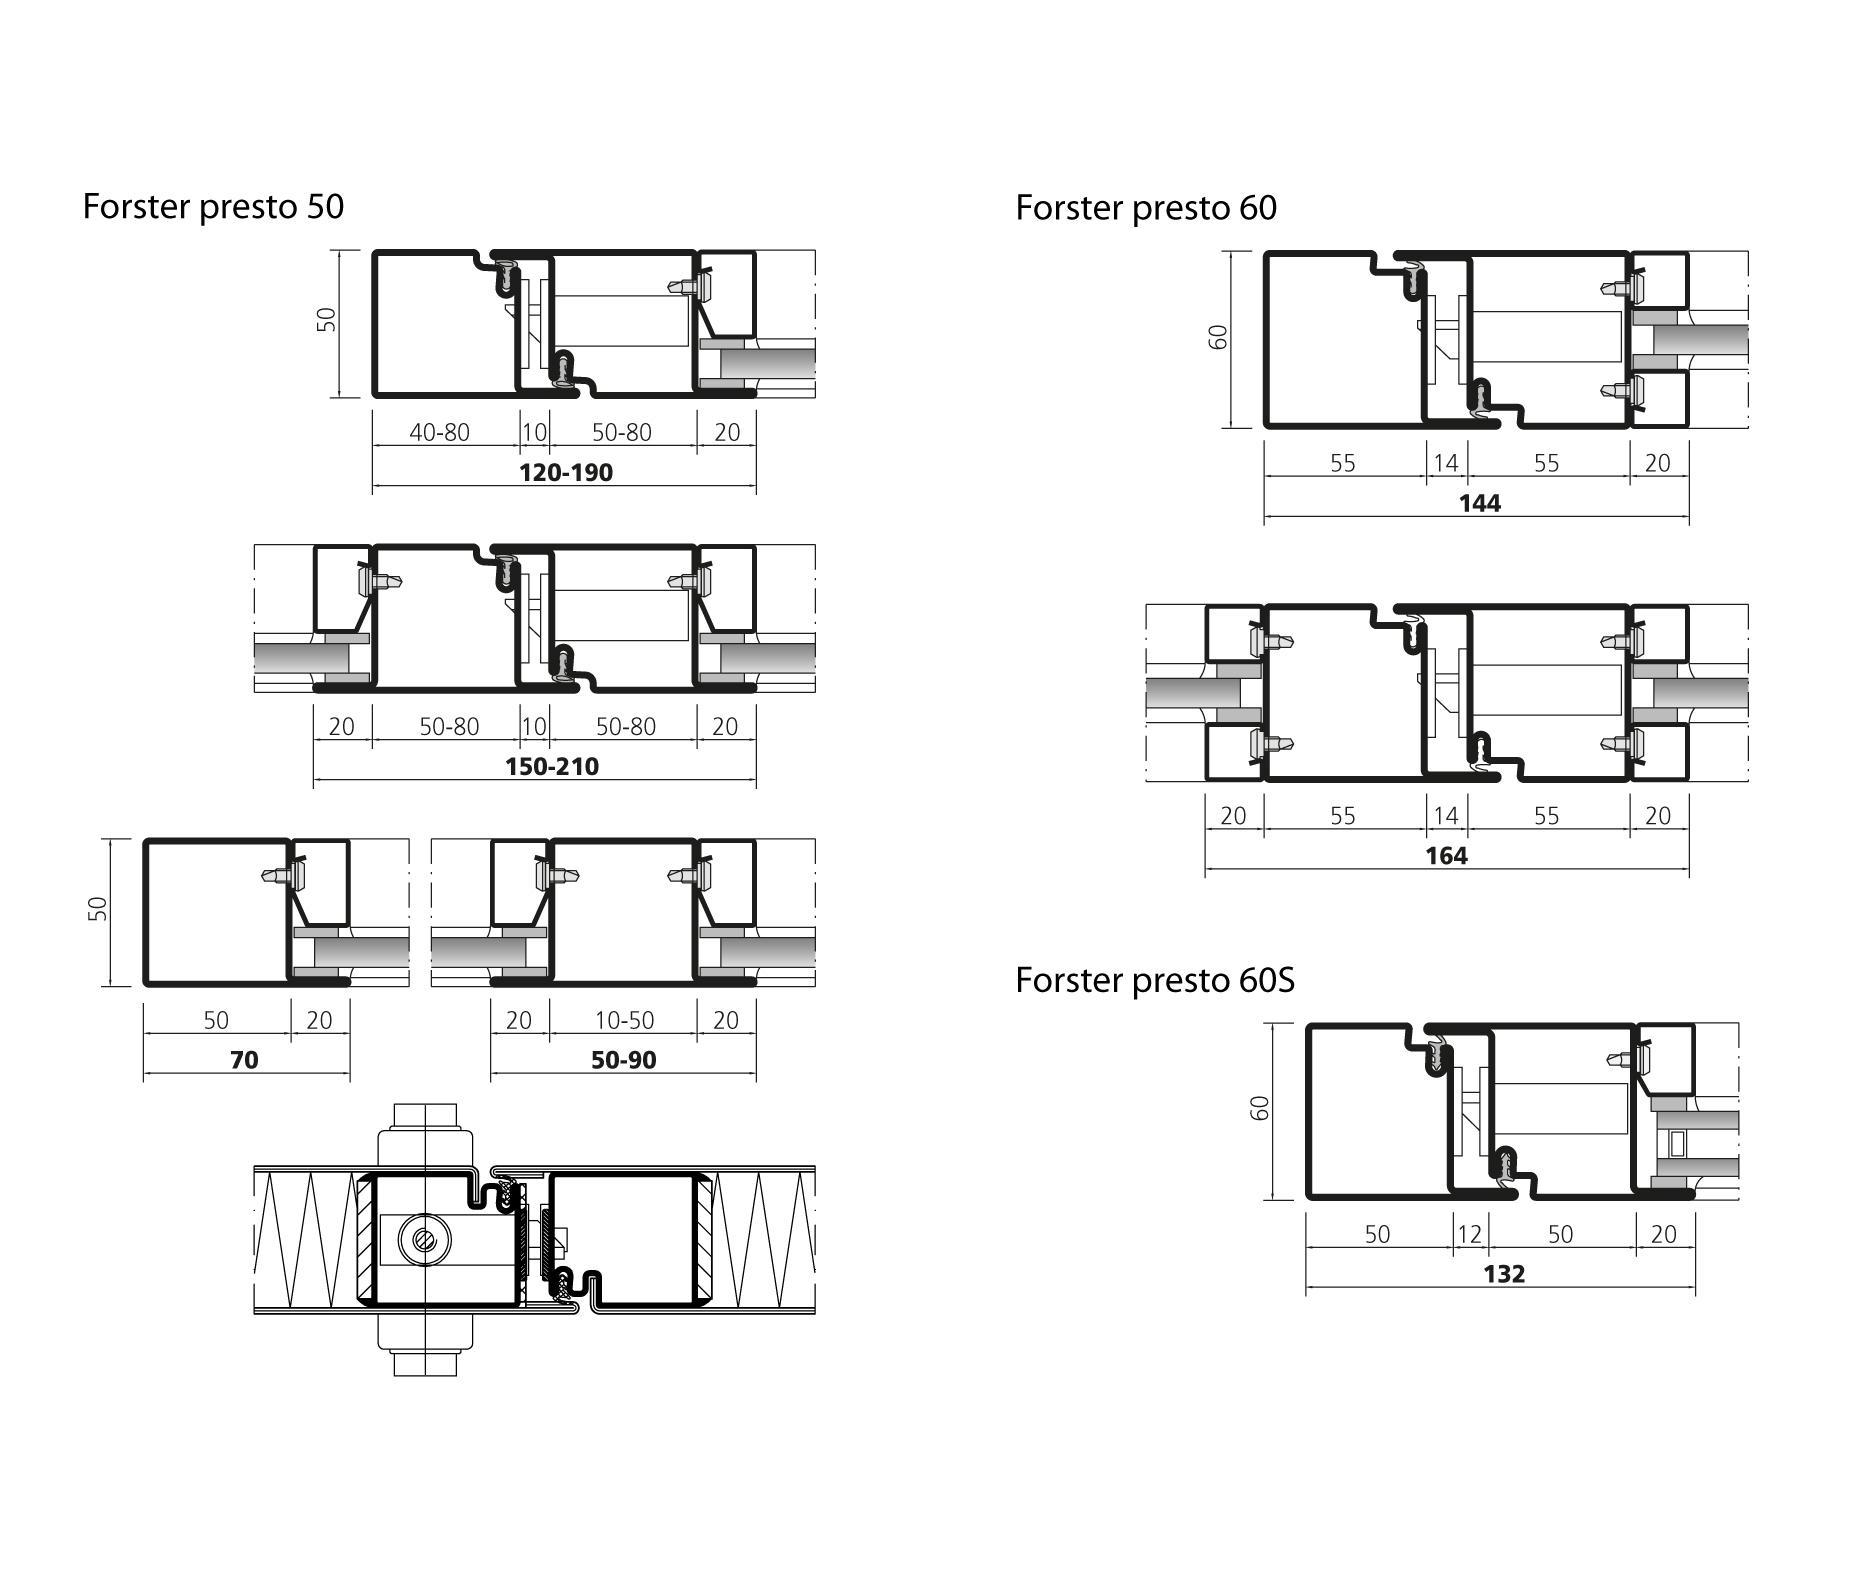 ... Forster Presto E30 | Brandschutztür Von Forster Profile Systems